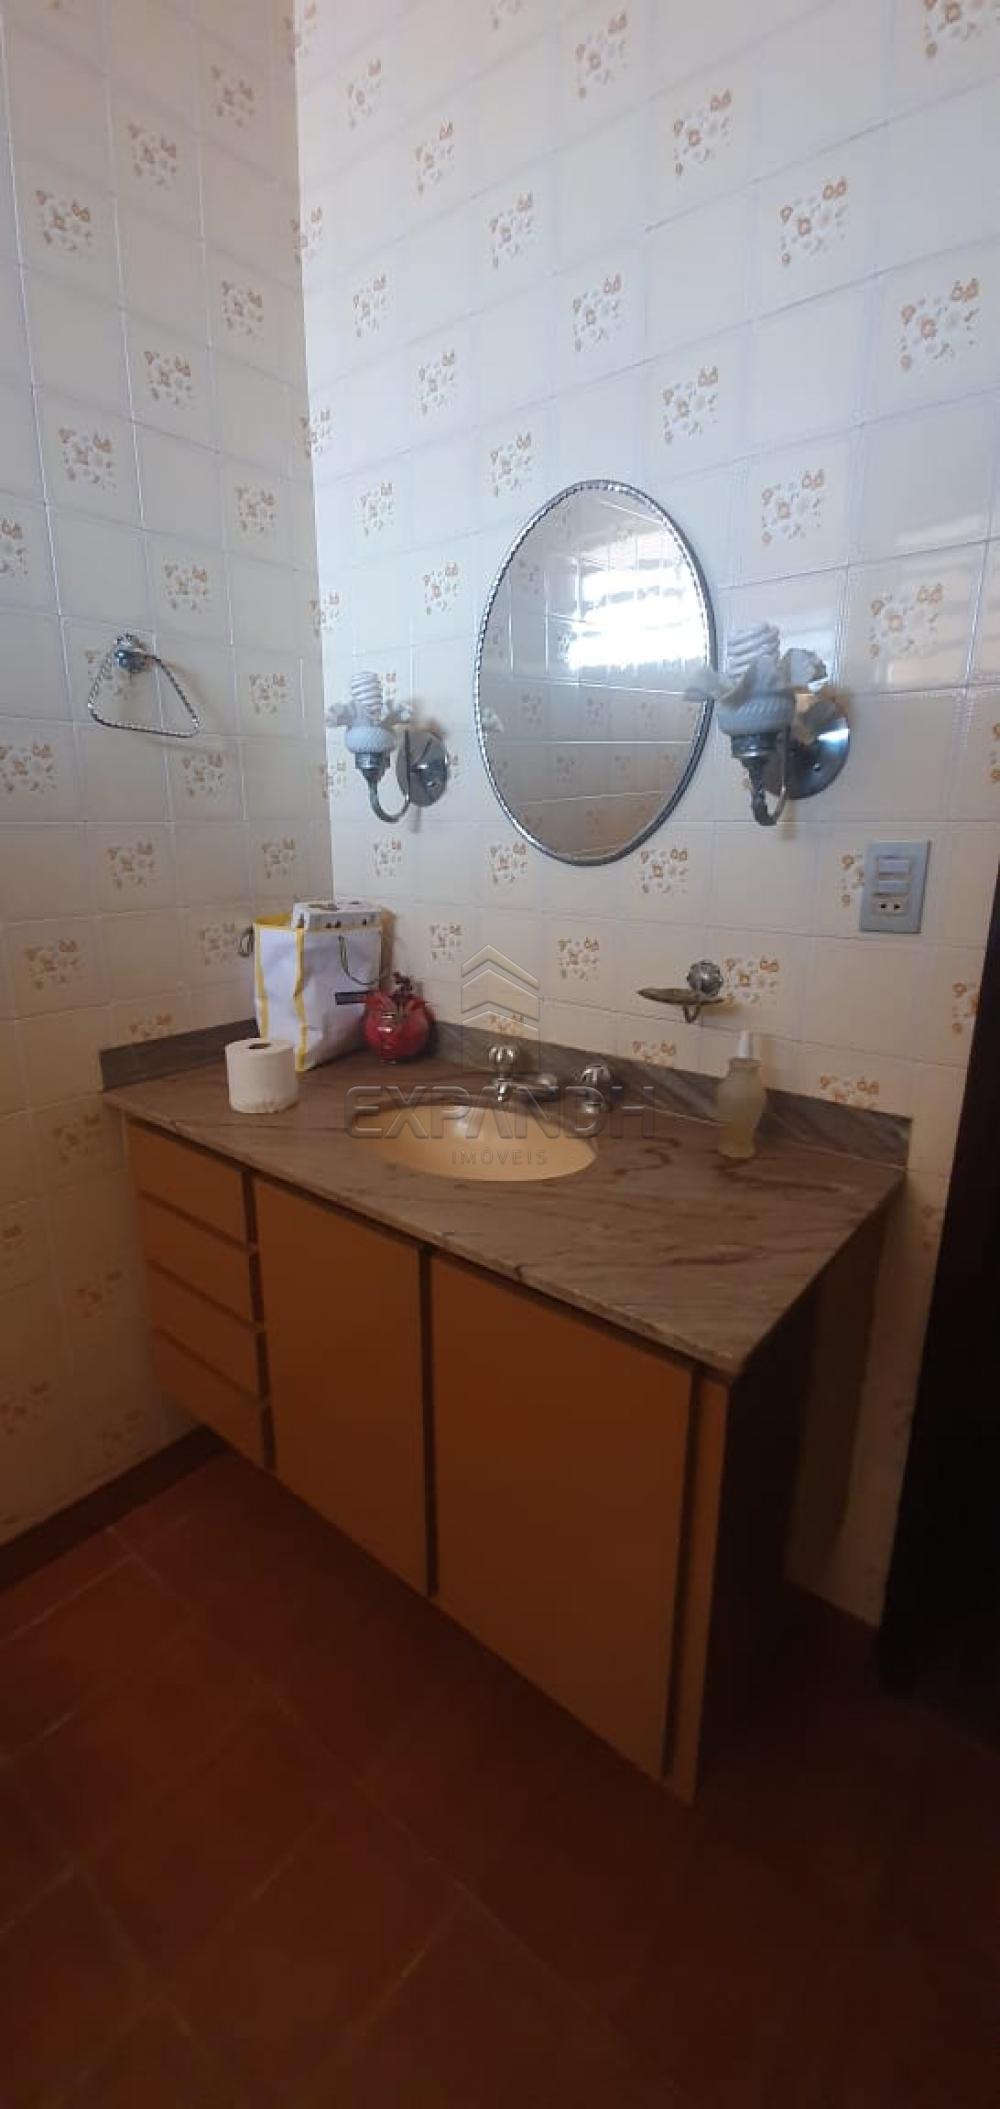 Comprar Apartamentos / Padrão em Sertãozinho apenas R$ 650.000,00 - Foto 13